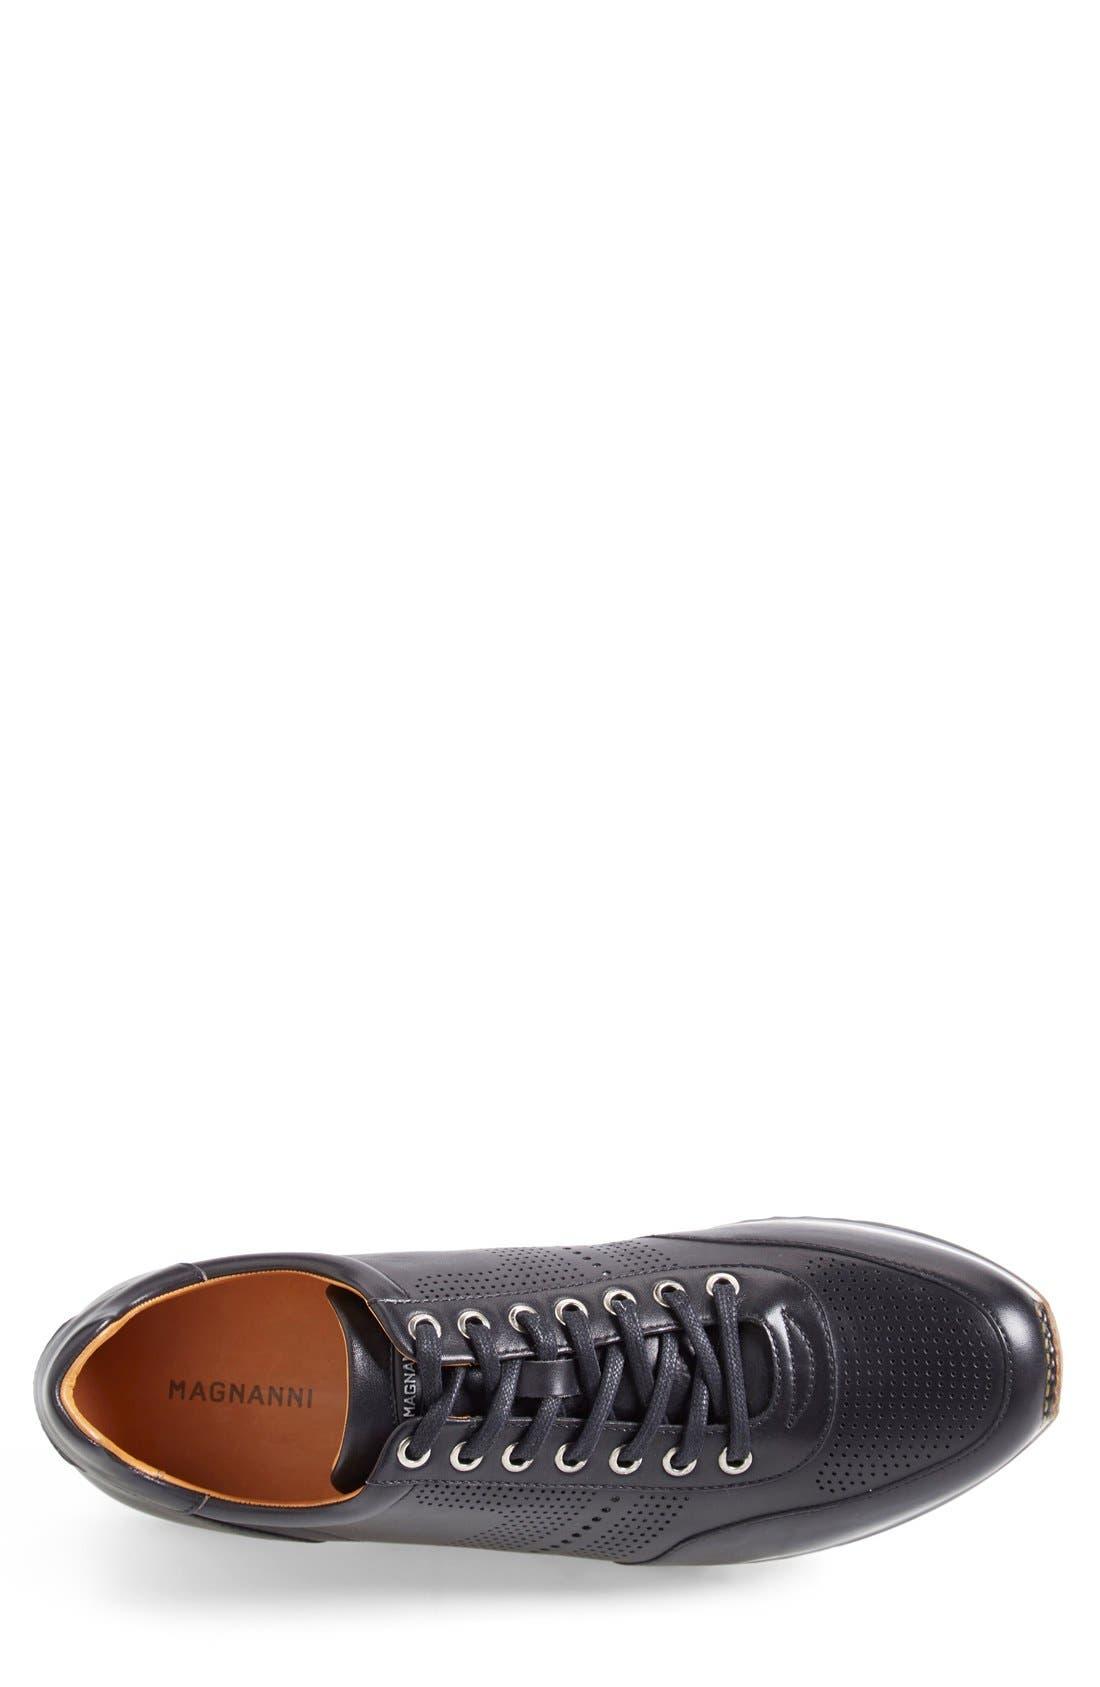 Alternate Image 3  - Magnanni 'Pueblo' Sneaker (Men)